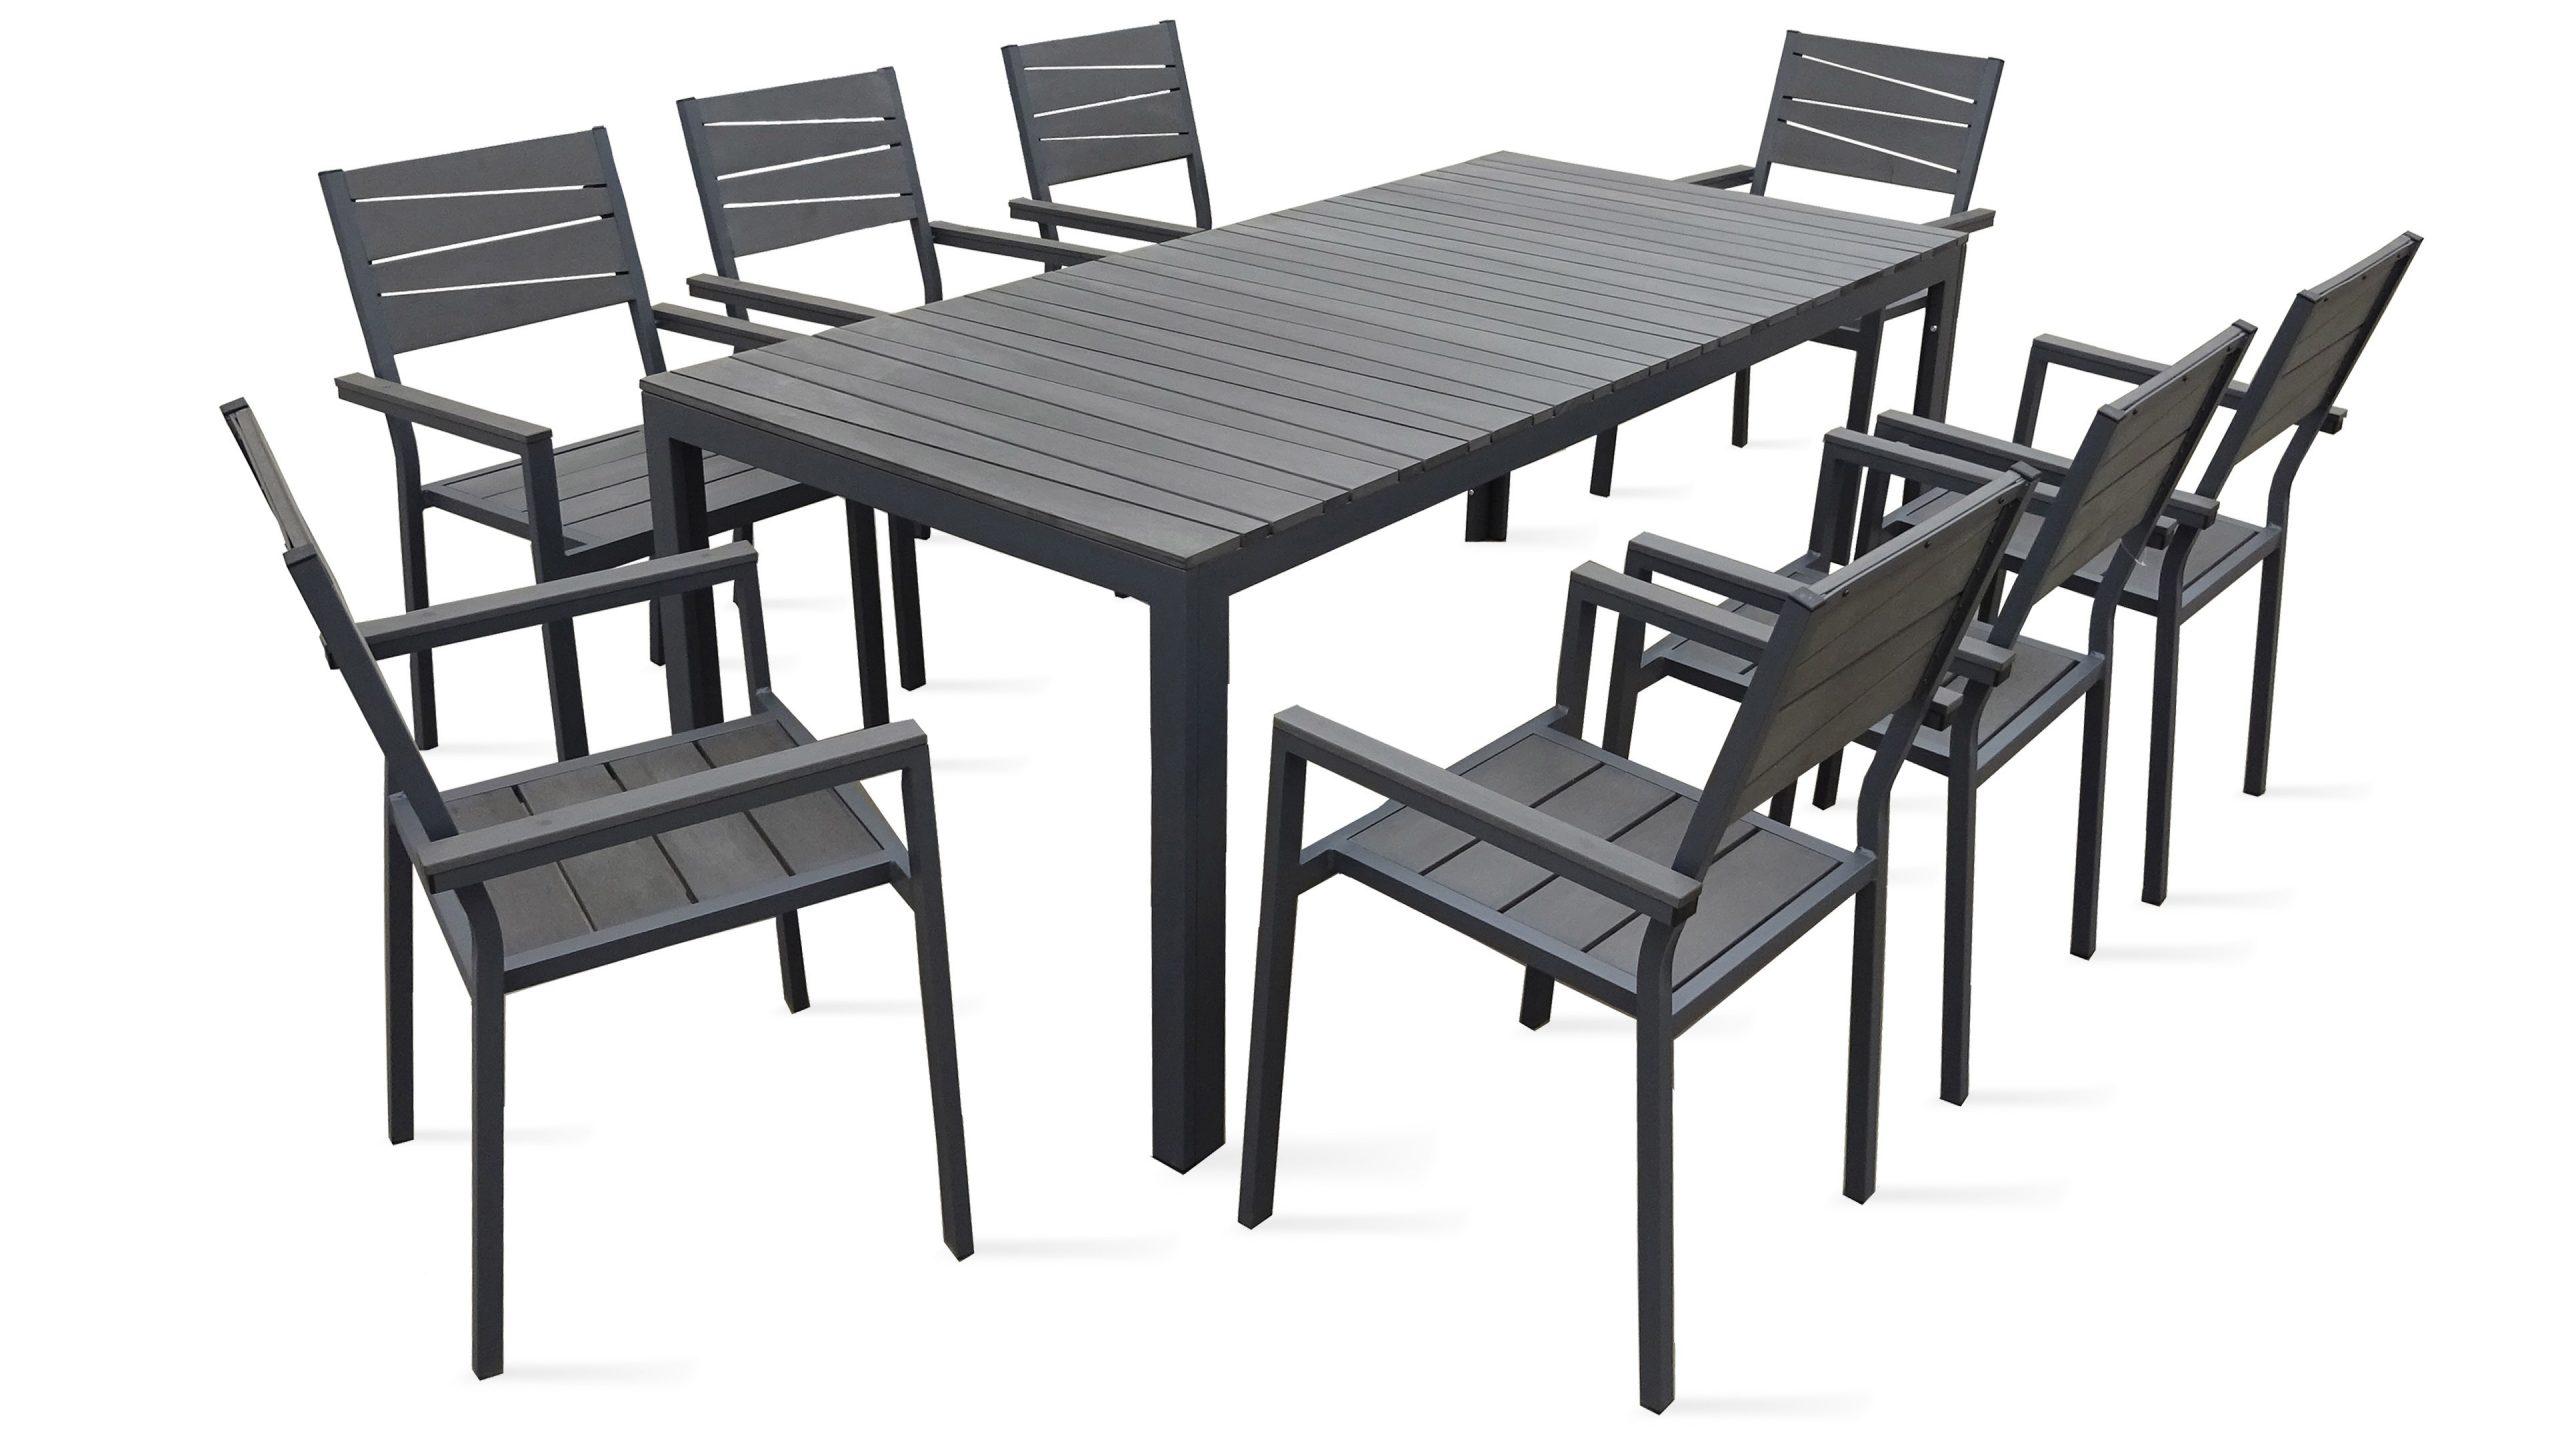 Table De Jardin 8 Places Aluminium Polywood avec Salon De Jardin Polywood